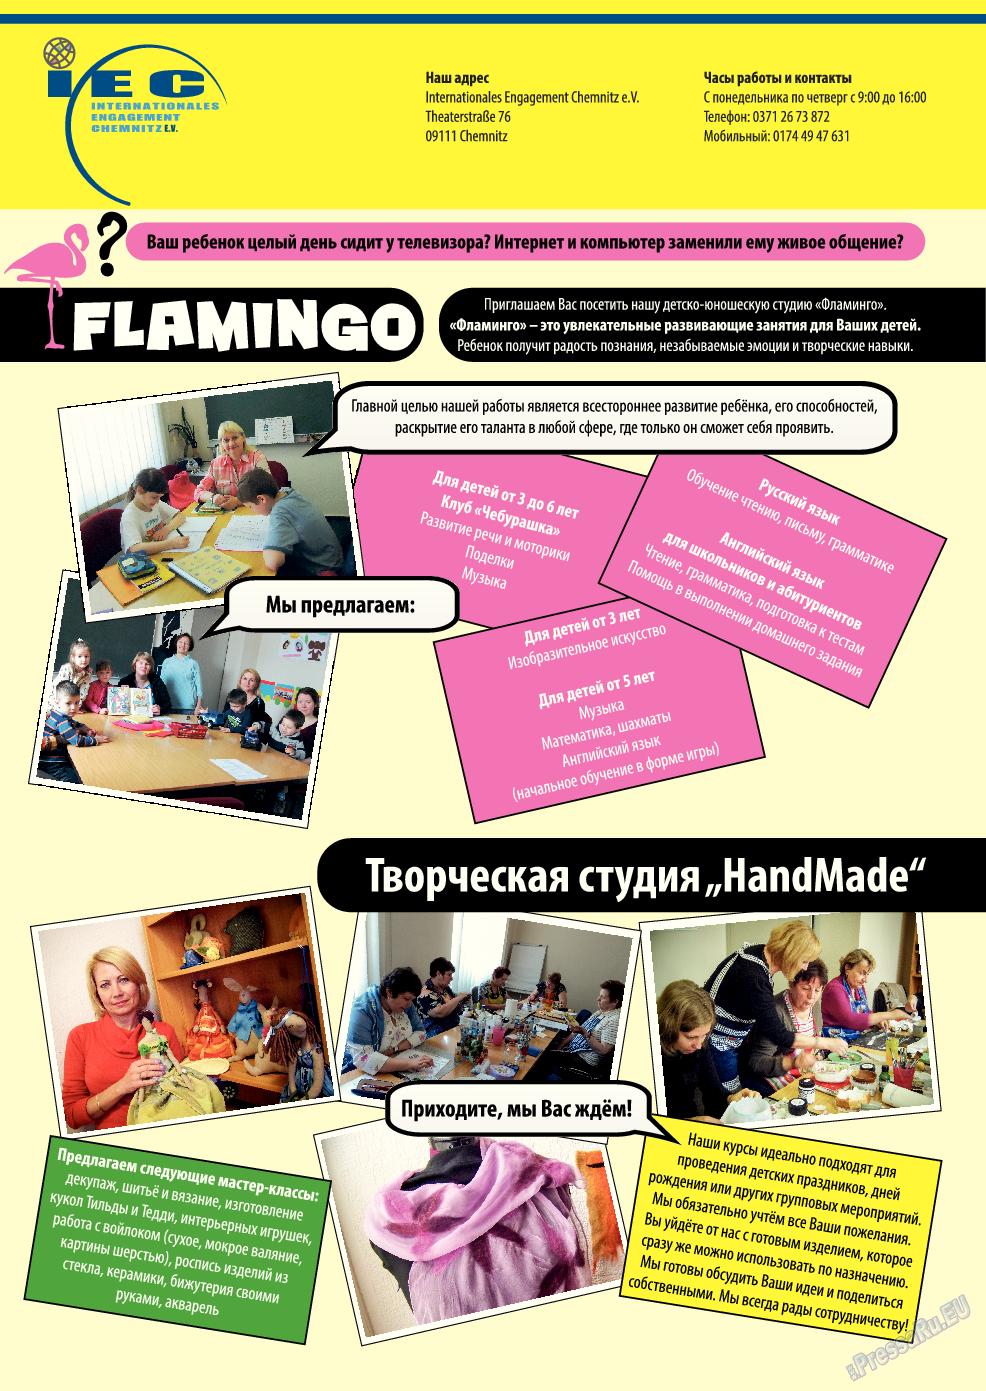 Берлинский телеграф (журнал). 2015 год, номер 10, стр. 40